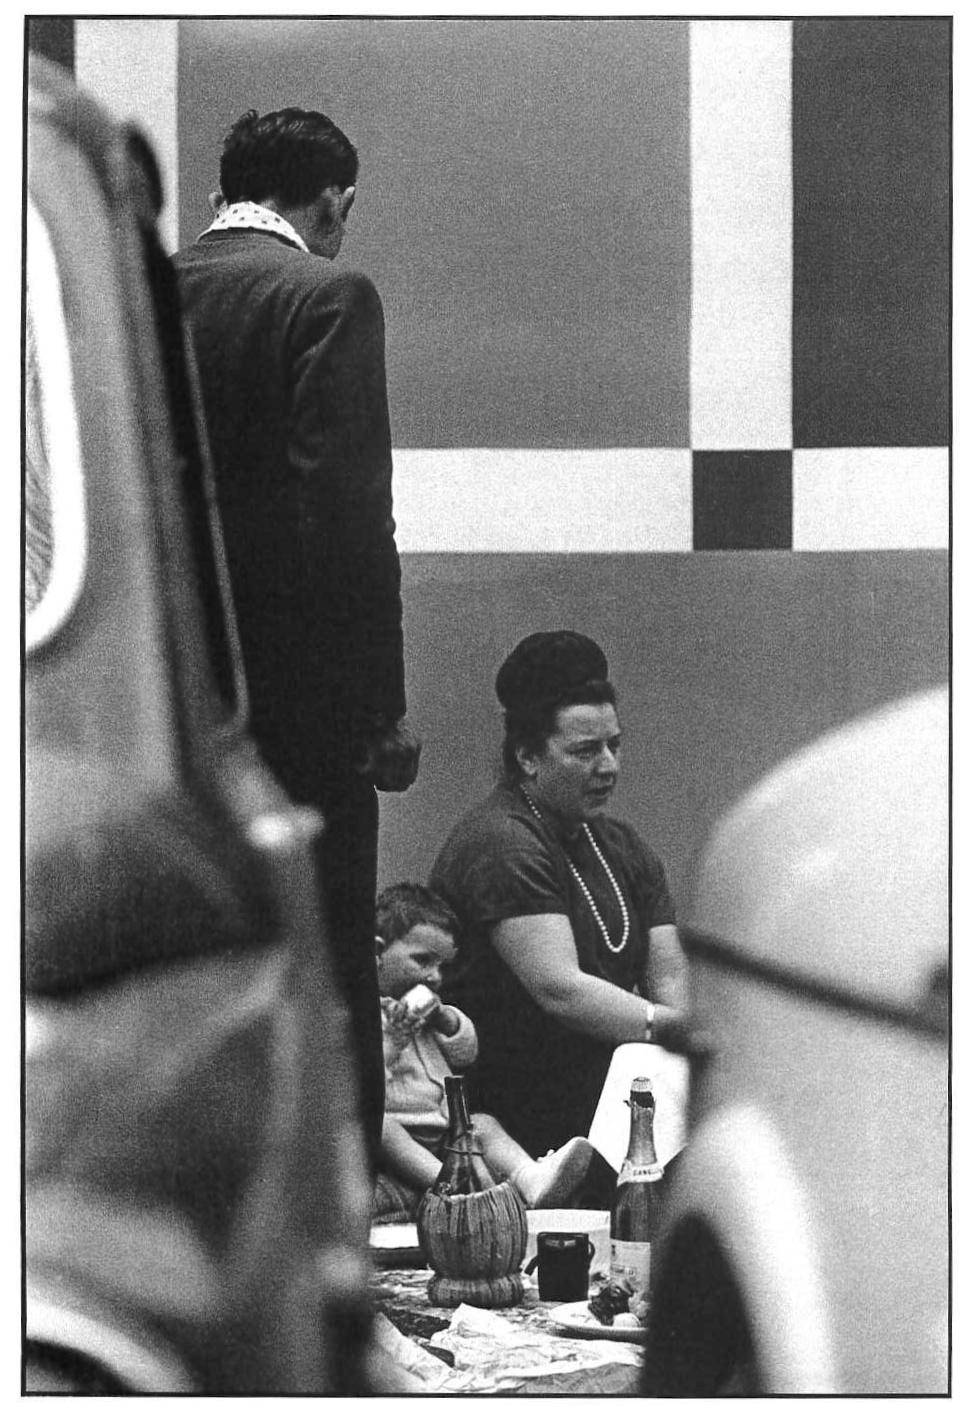 Fiera Campionaria, picnic famigliare sul marciapiede tra le auto parcheggiate. Milano, 1964.